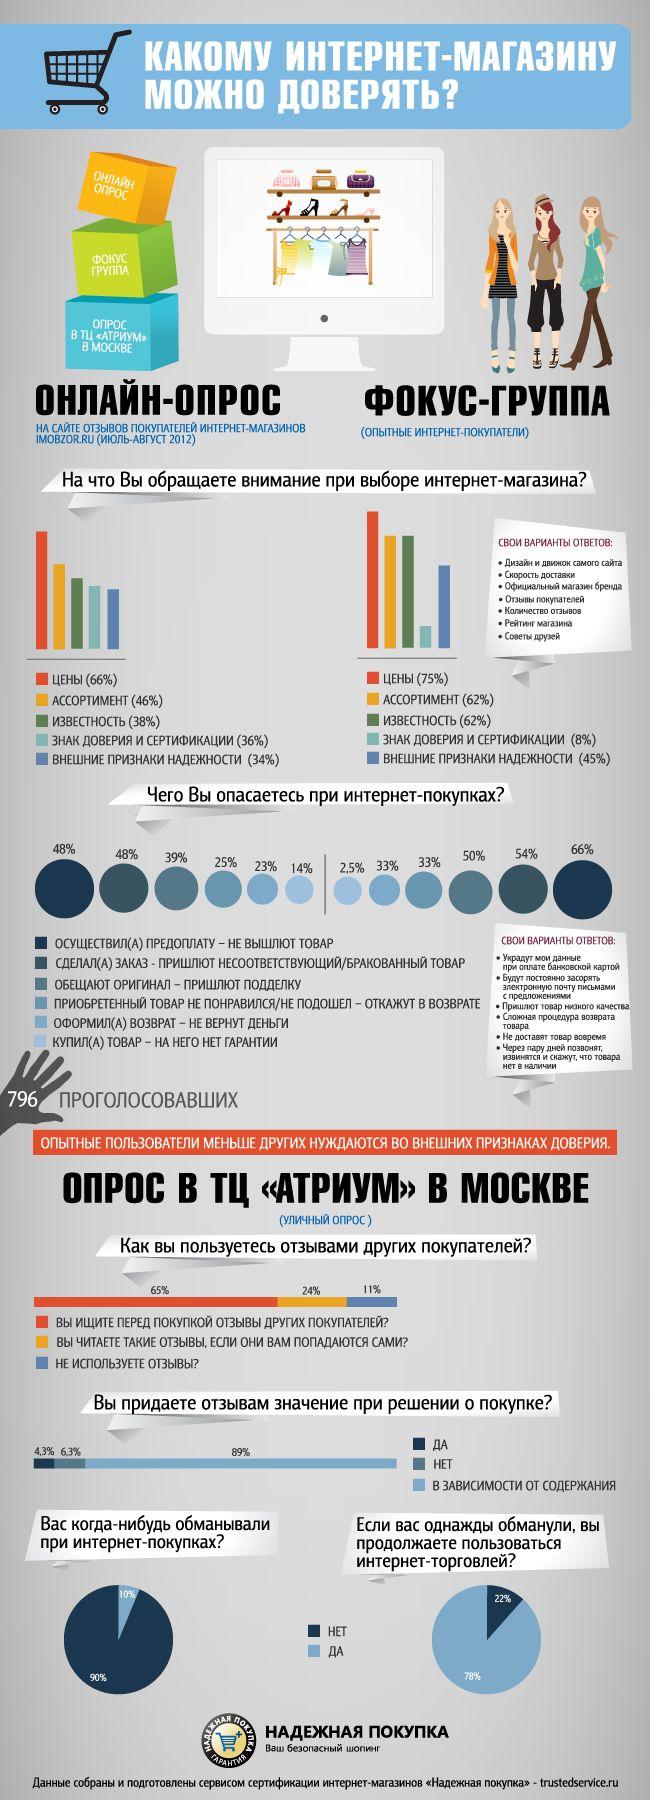 Согласно инфографике, представленной сервисом «Надежная покупка», выбирая интернет-магазин пользователи в первую очередь обращают внимание на стоимость товаров и ассортимент.#инфографика